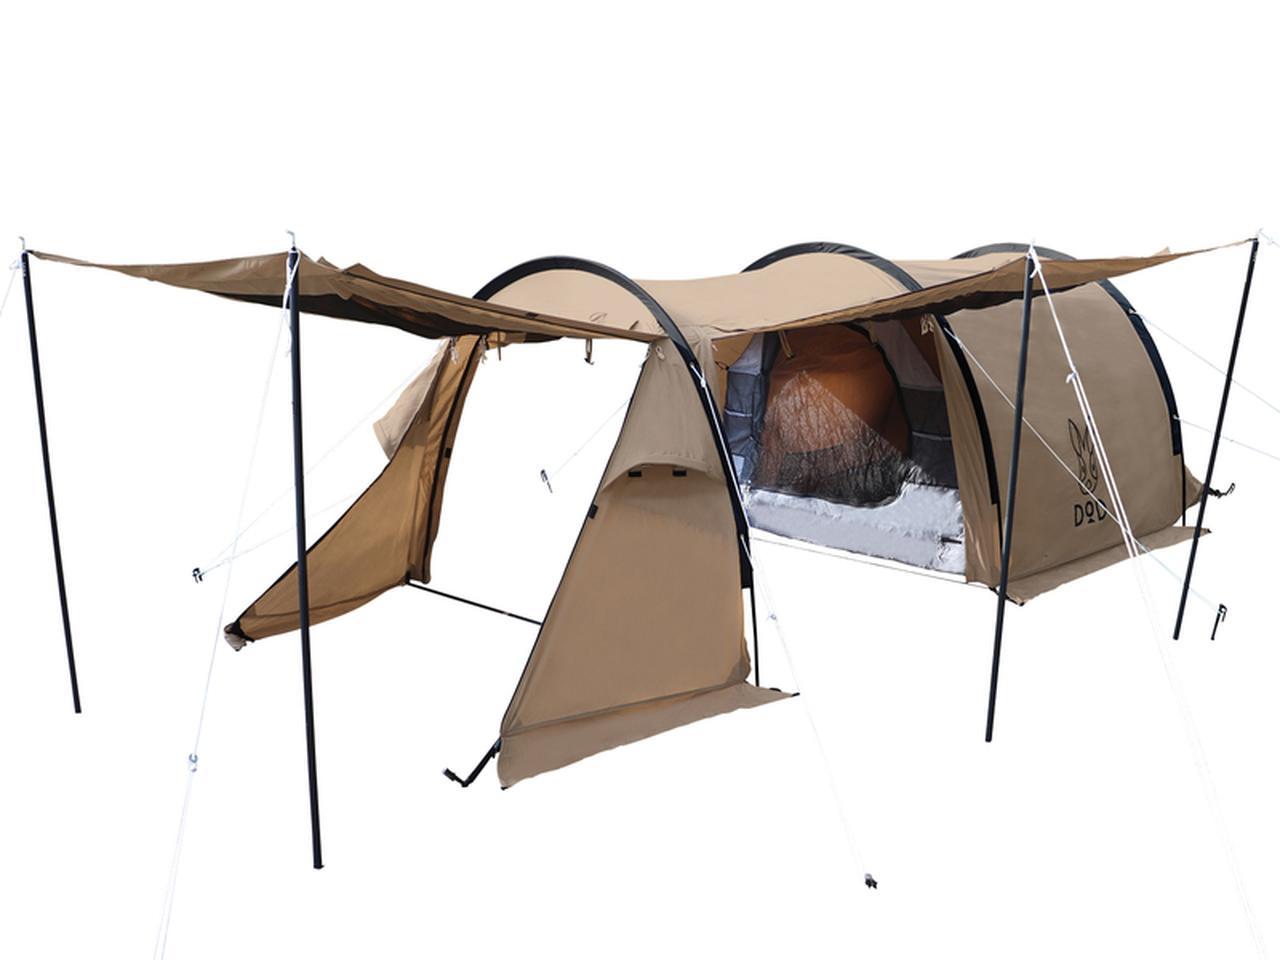 Images : 12番目の画像 - テントの使用イメージやディテールカットはこちらでチェック! - webオートバイ